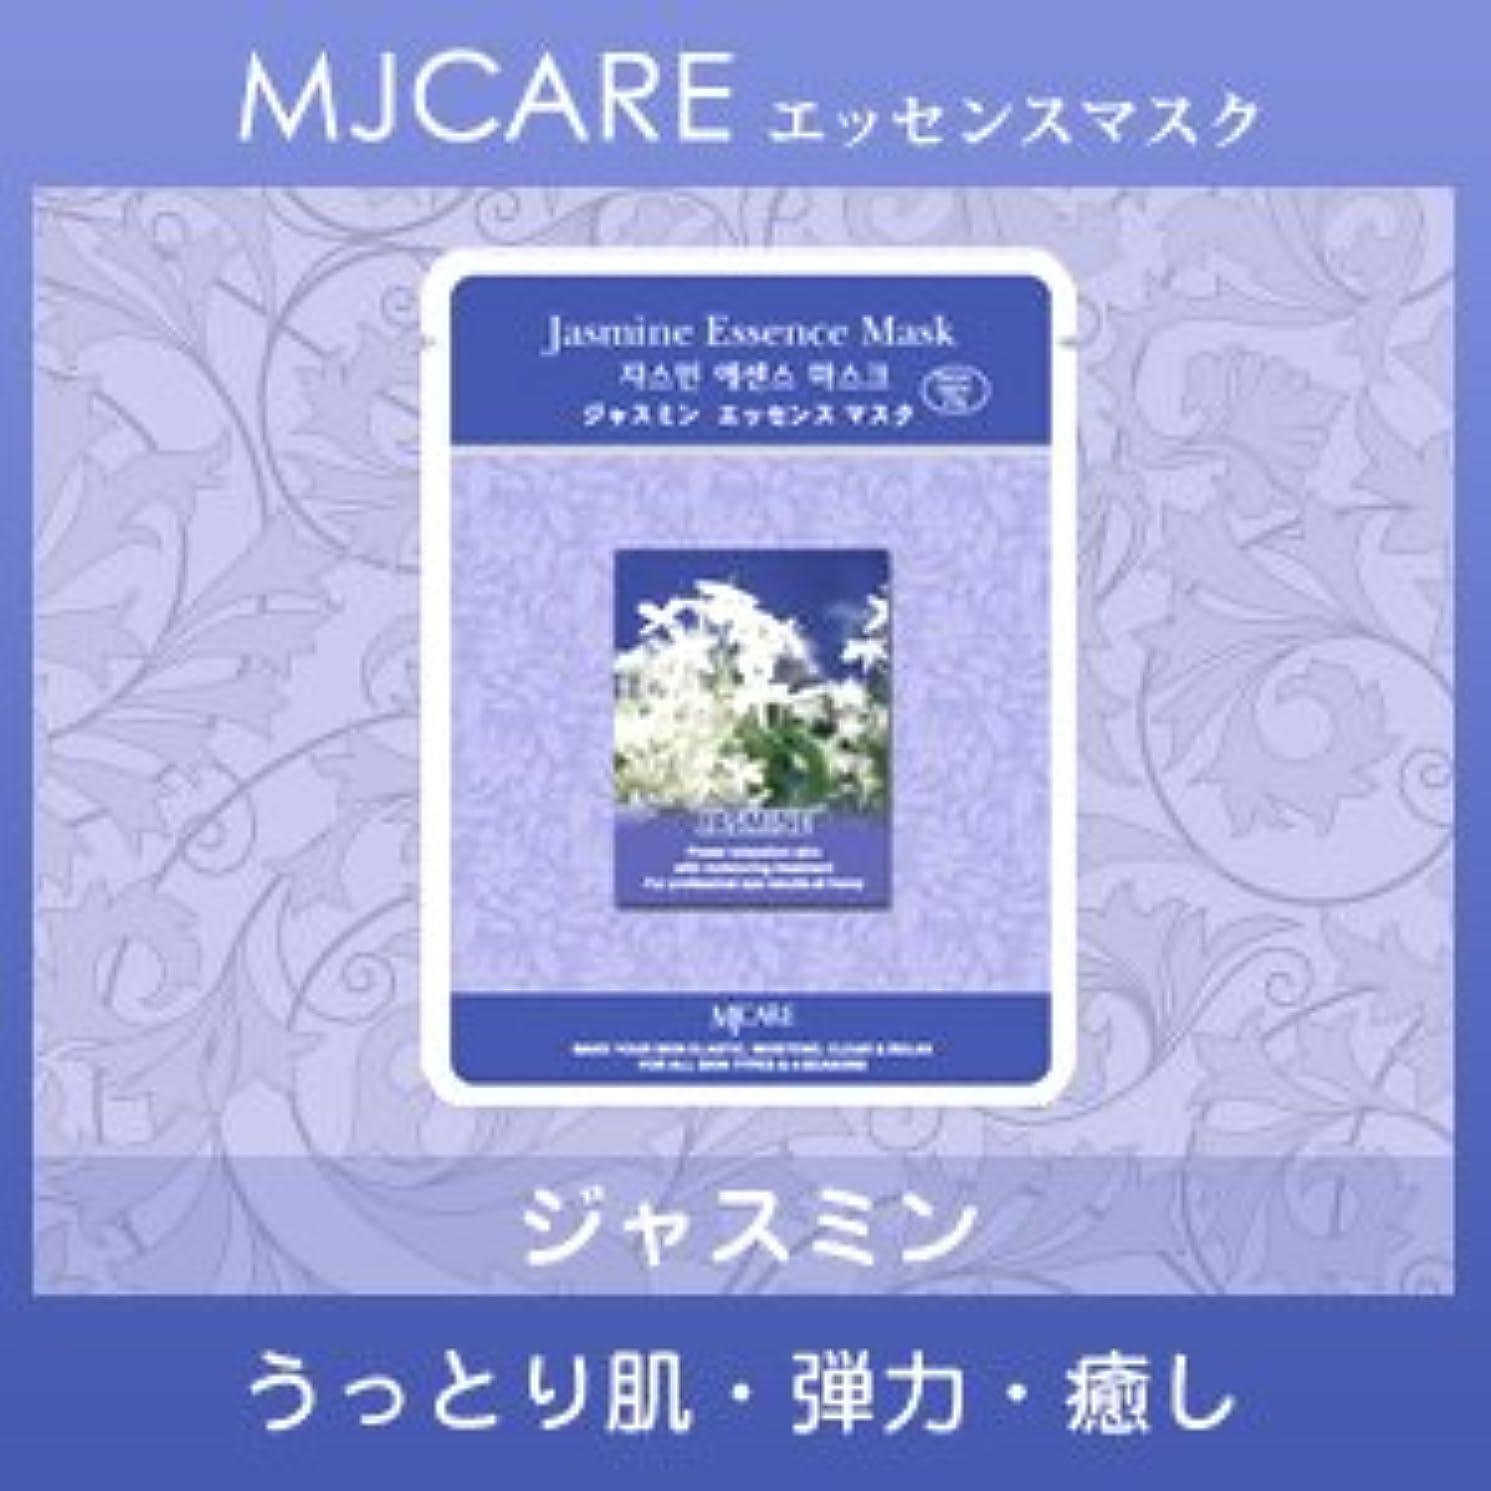 水を飲む昇進検出器MJCARE (エムジェイケア) ジャスミン エッセンスマスク